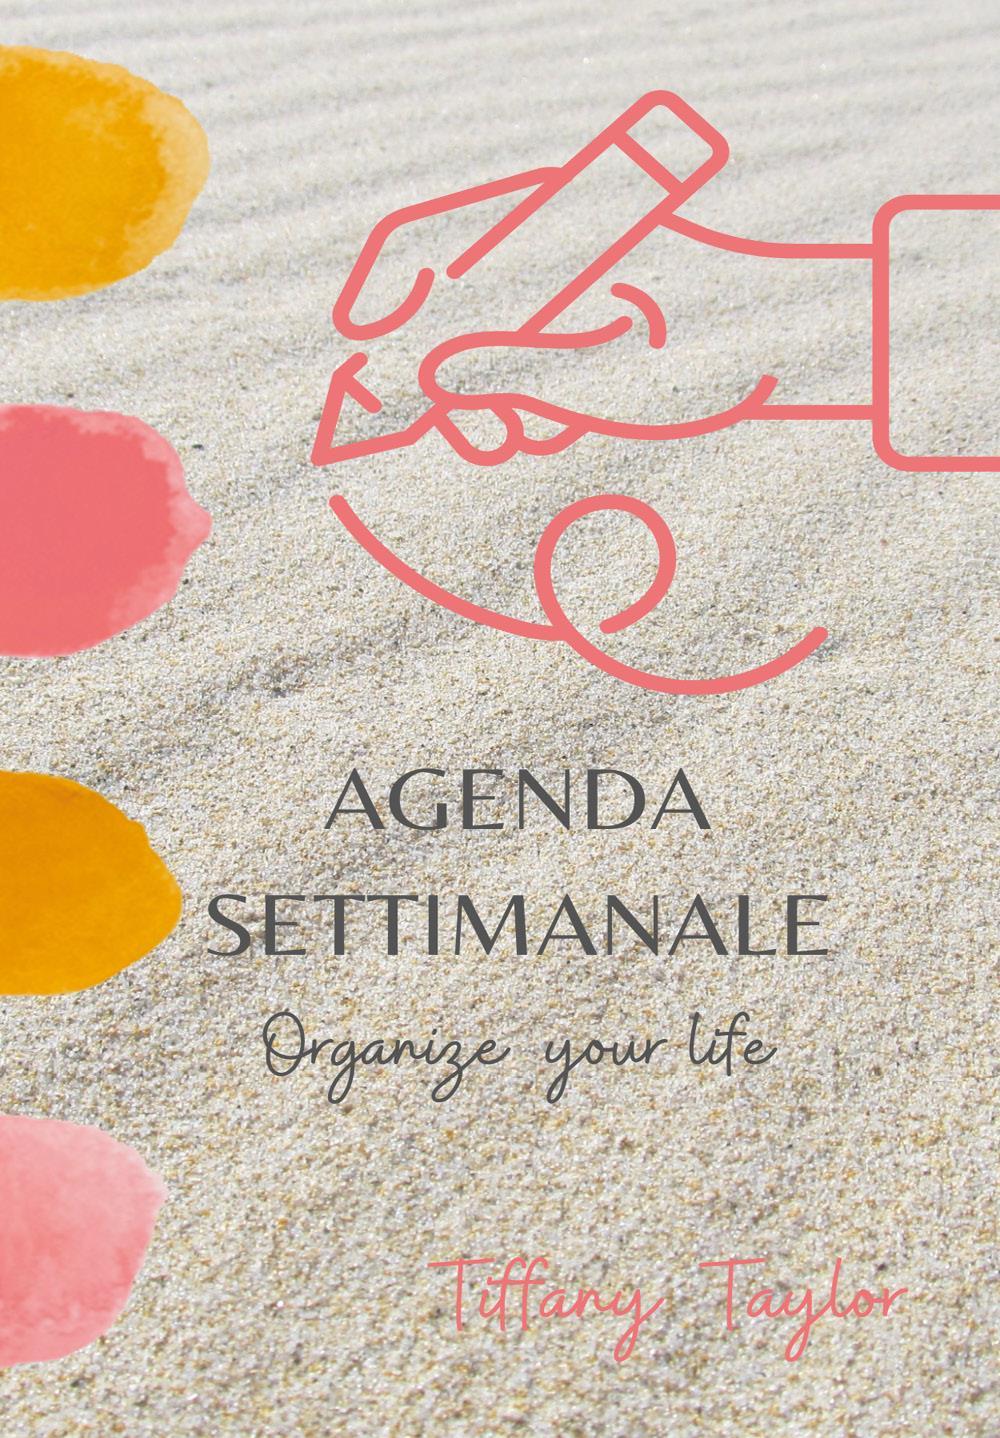 Agenda settimanale - Organize your life